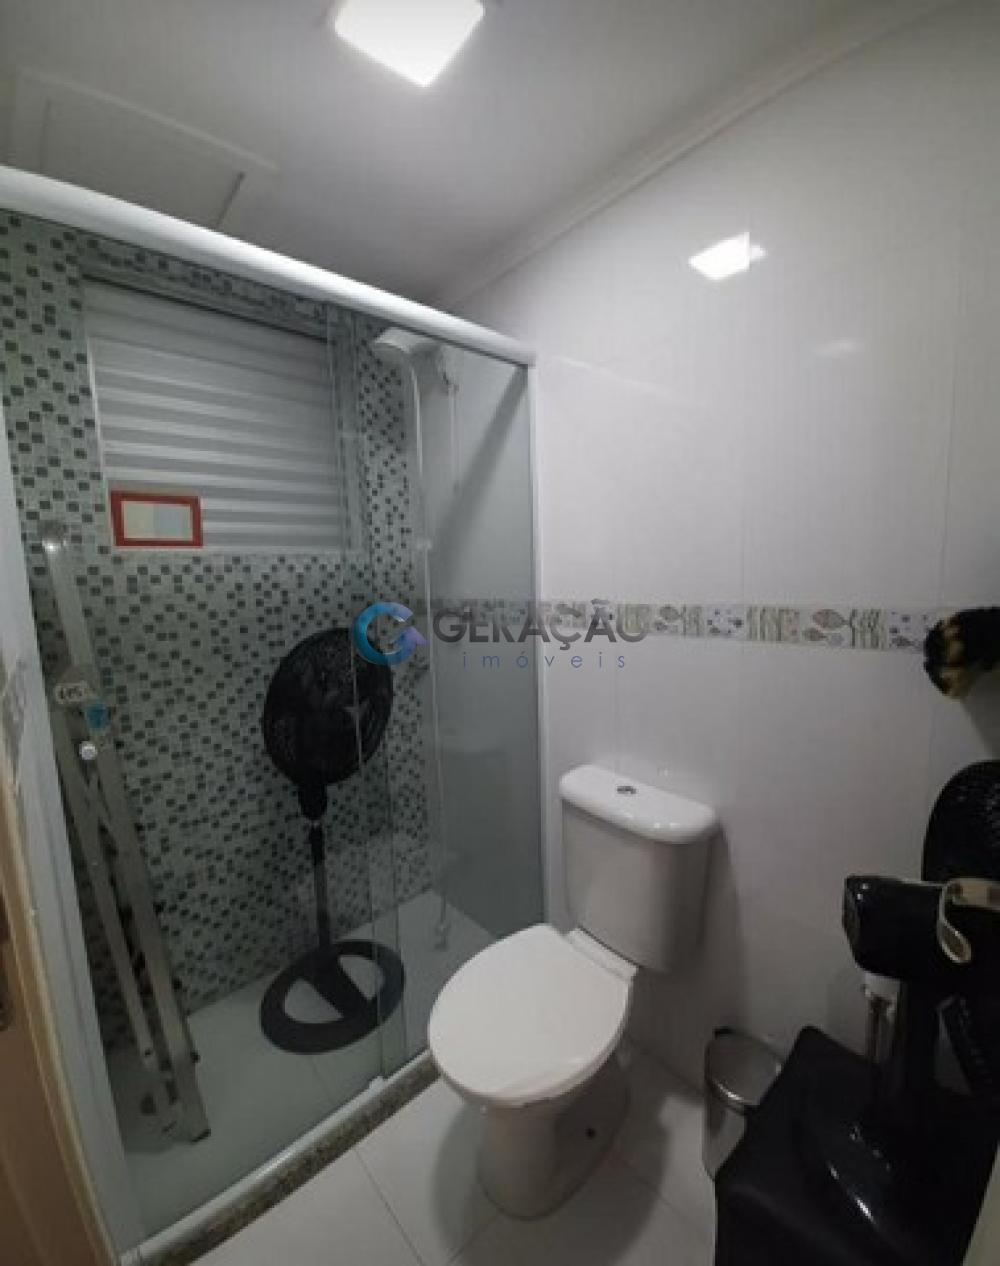 Comprar Apartamento / Padrão em São José dos Campos R$ 182.000,00 - Foto 11